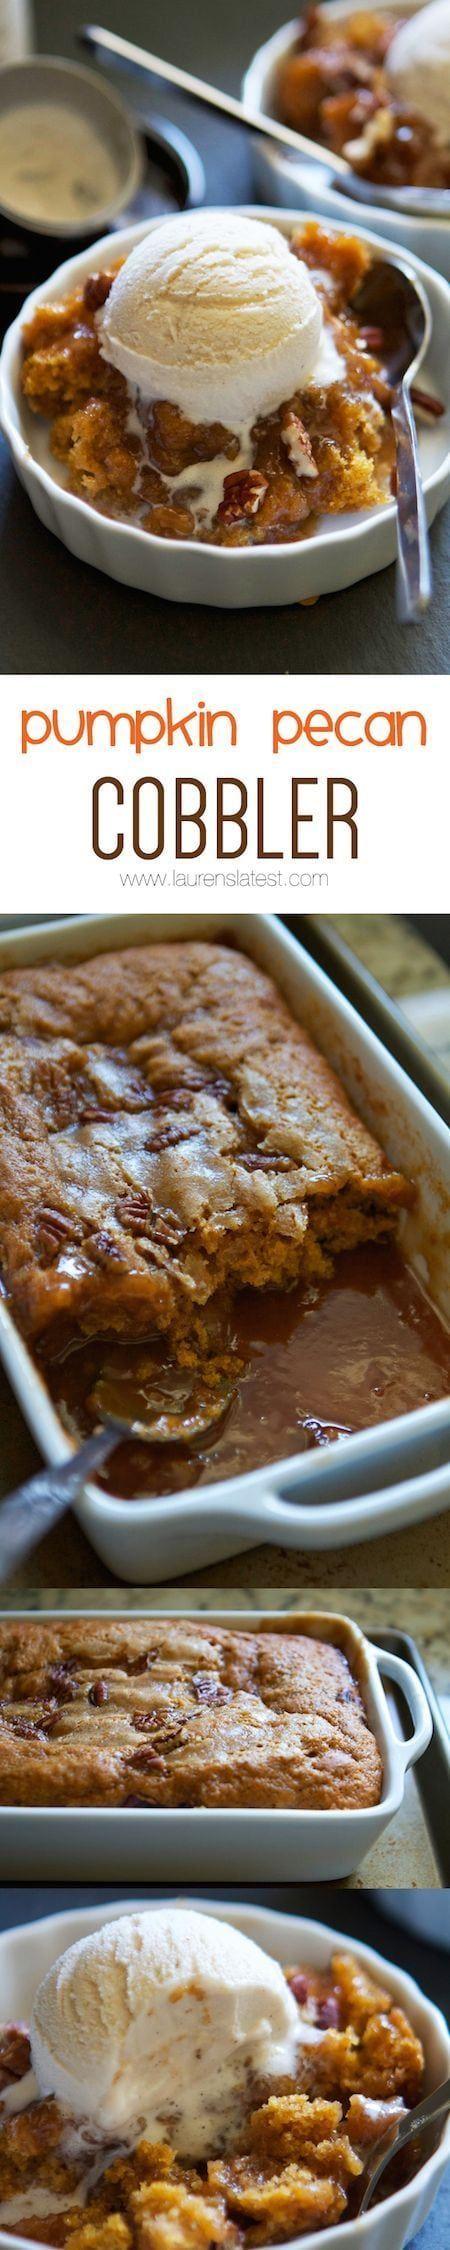 Pumpkin Pecan Cobbler   Lauren's Latest #desserts